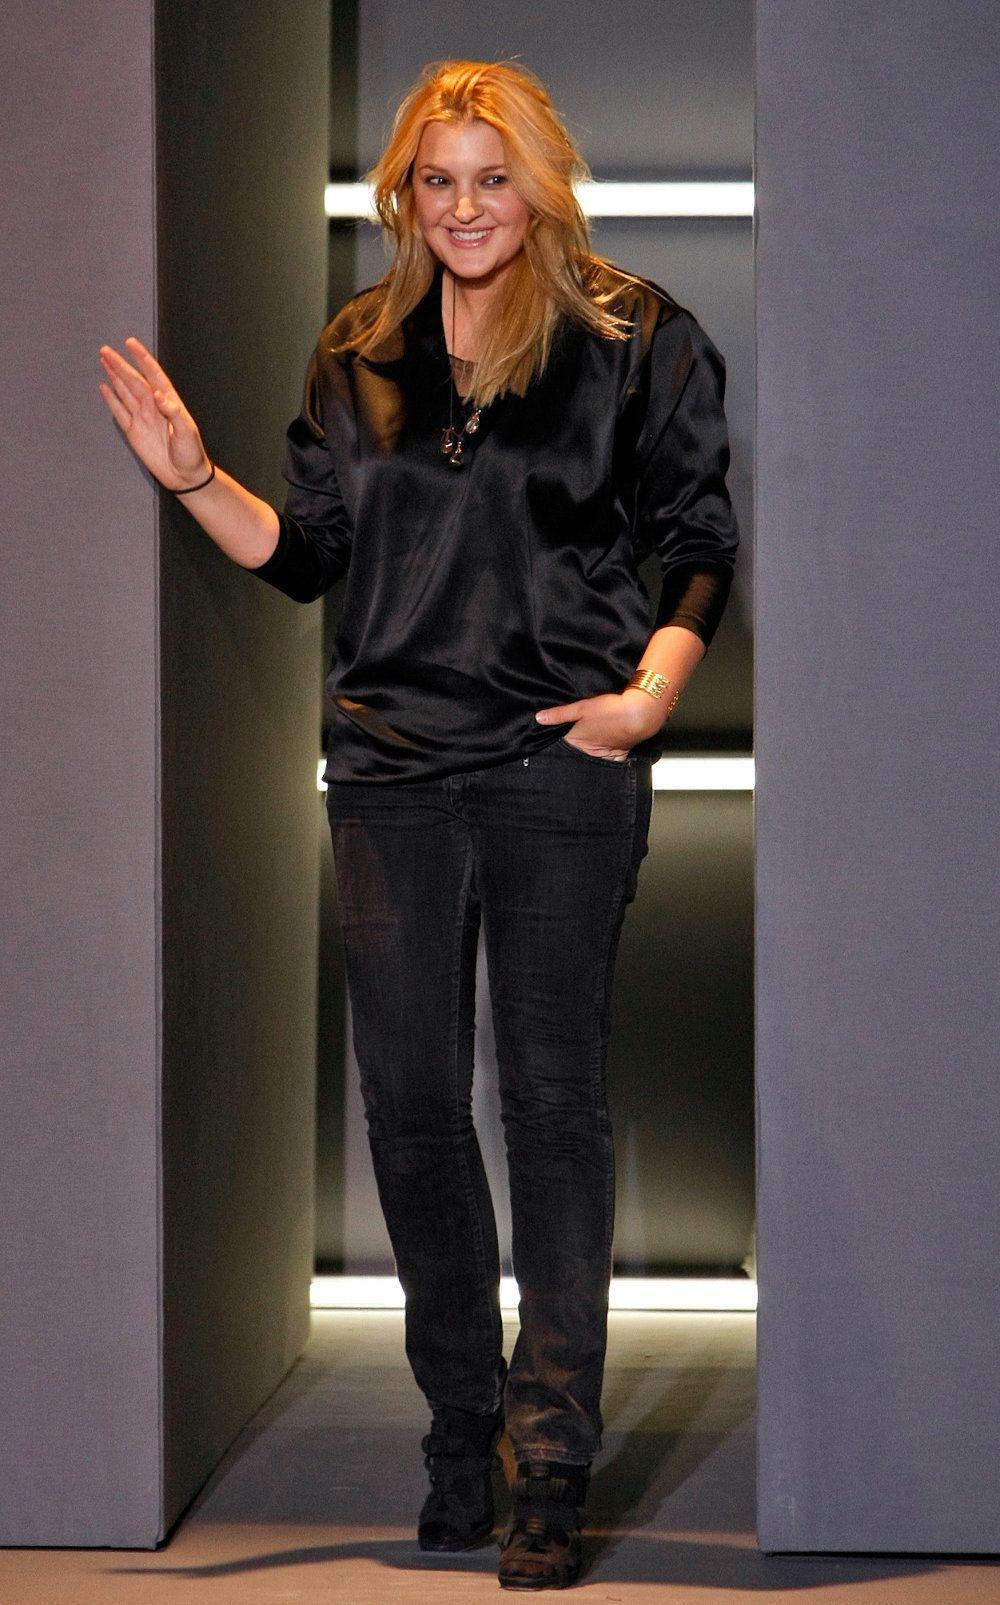 , Sophia Kokosalaki: links in 47 Jahre, der talentierte Designer der Olympischen Spiele in Athen